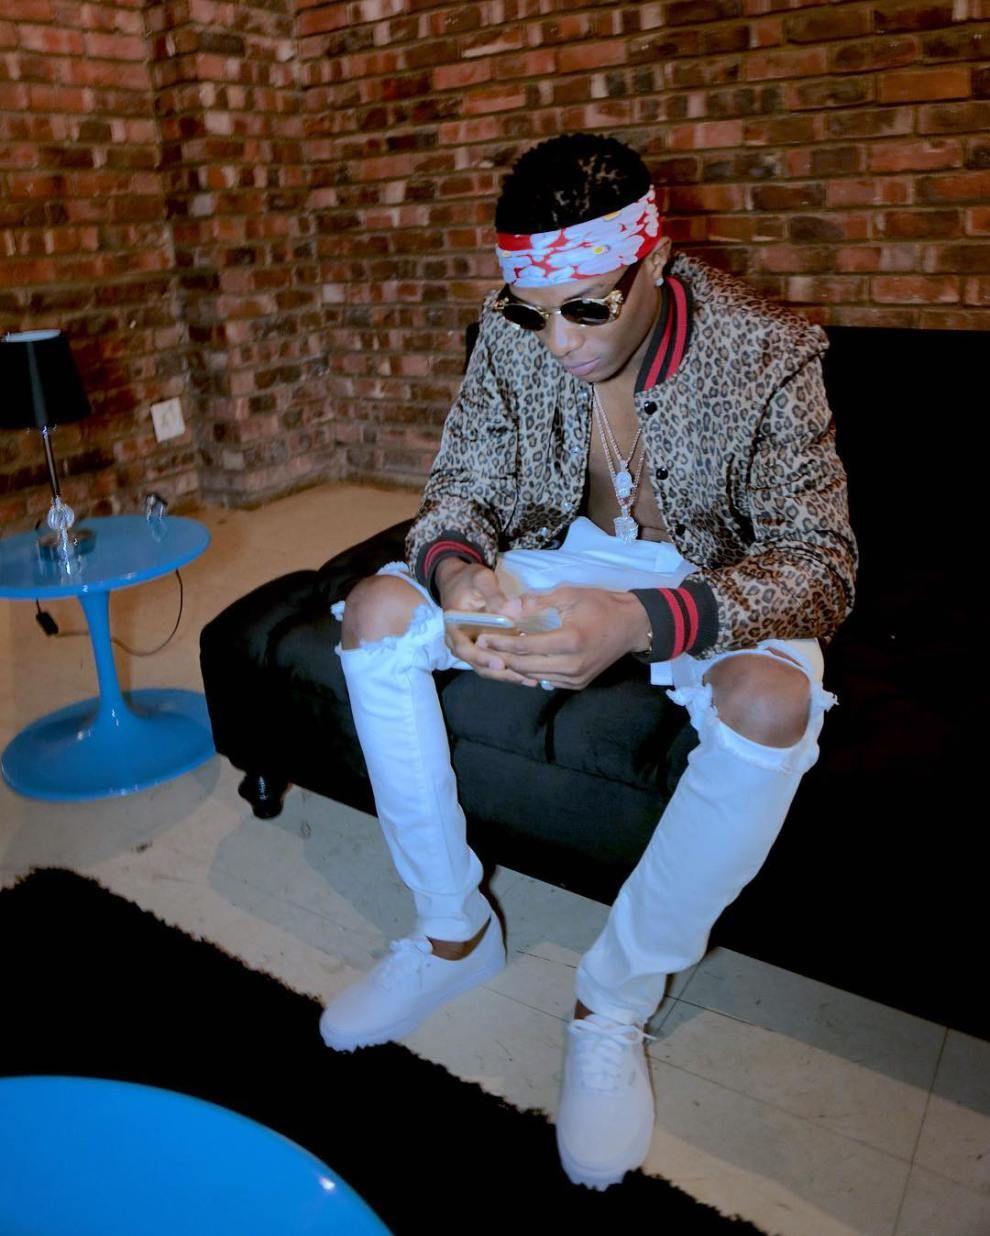 It is no news that Nigerian artiste – Wizkid a k a Starboy – has